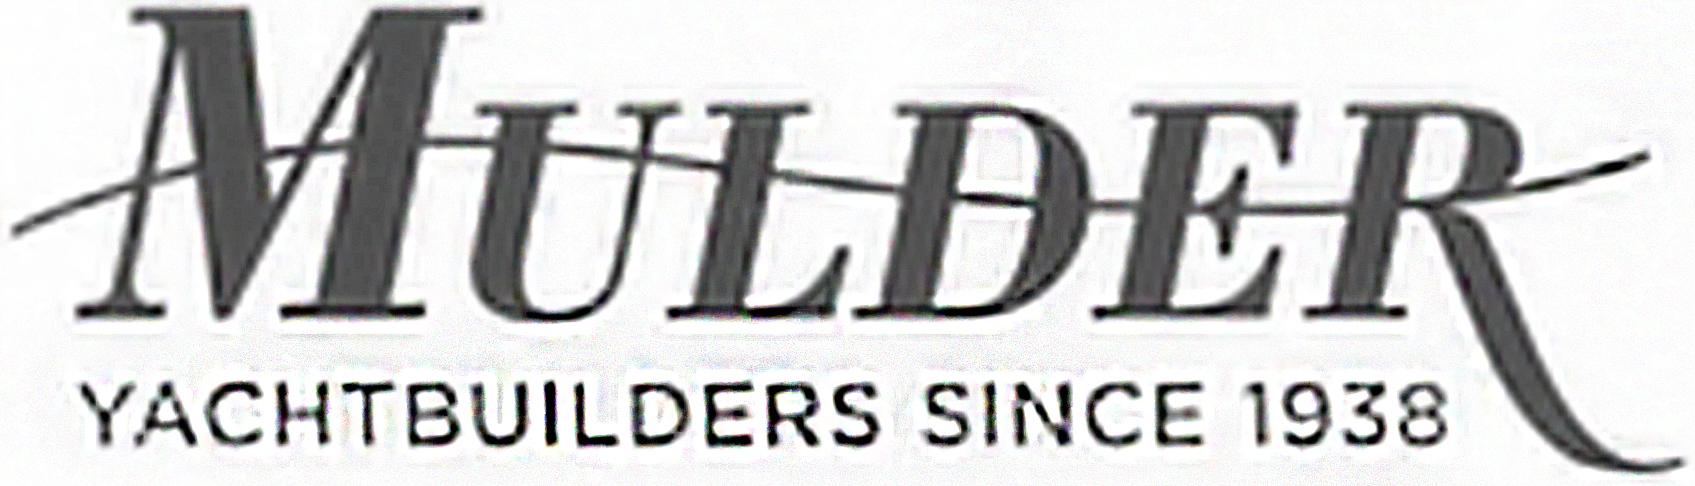 Mulder shipyard logo Metalfinish Group